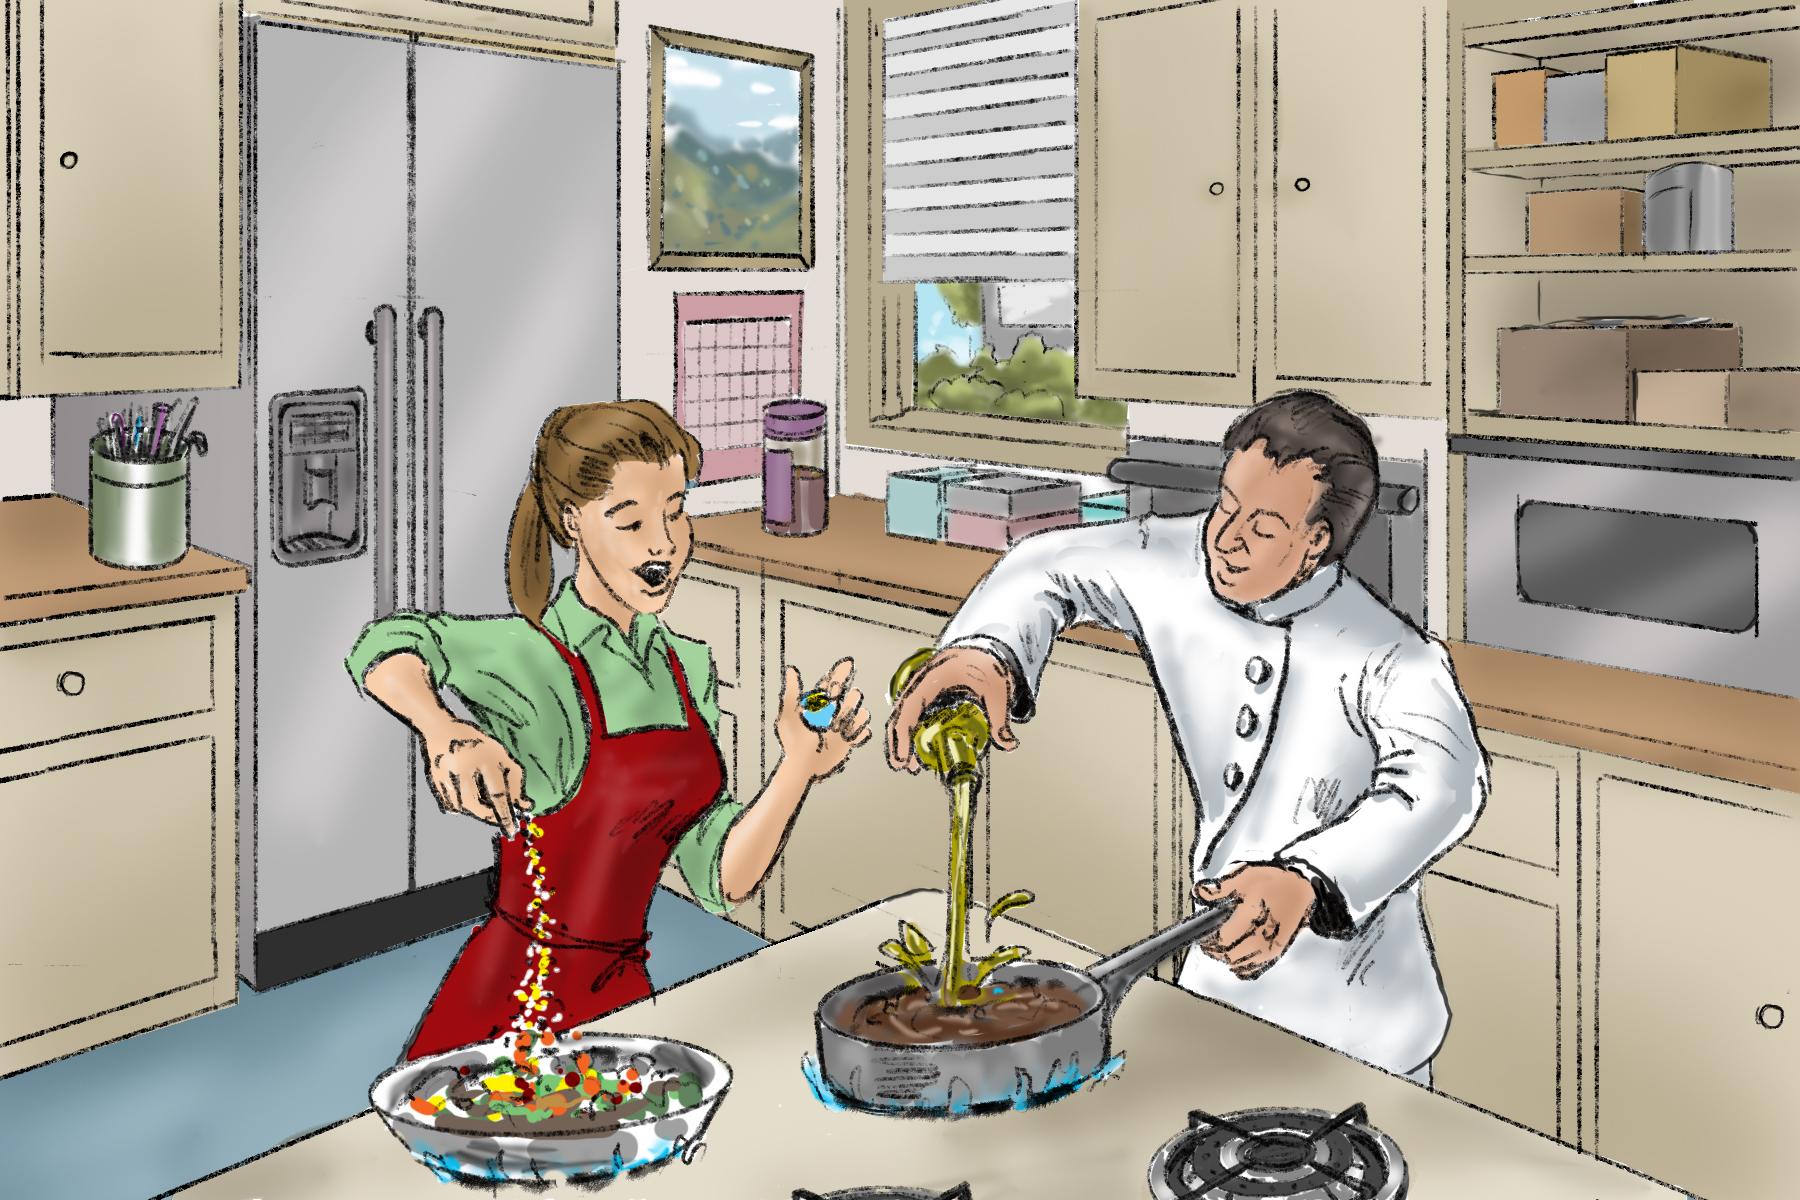 cooking_drawing_1.jpg